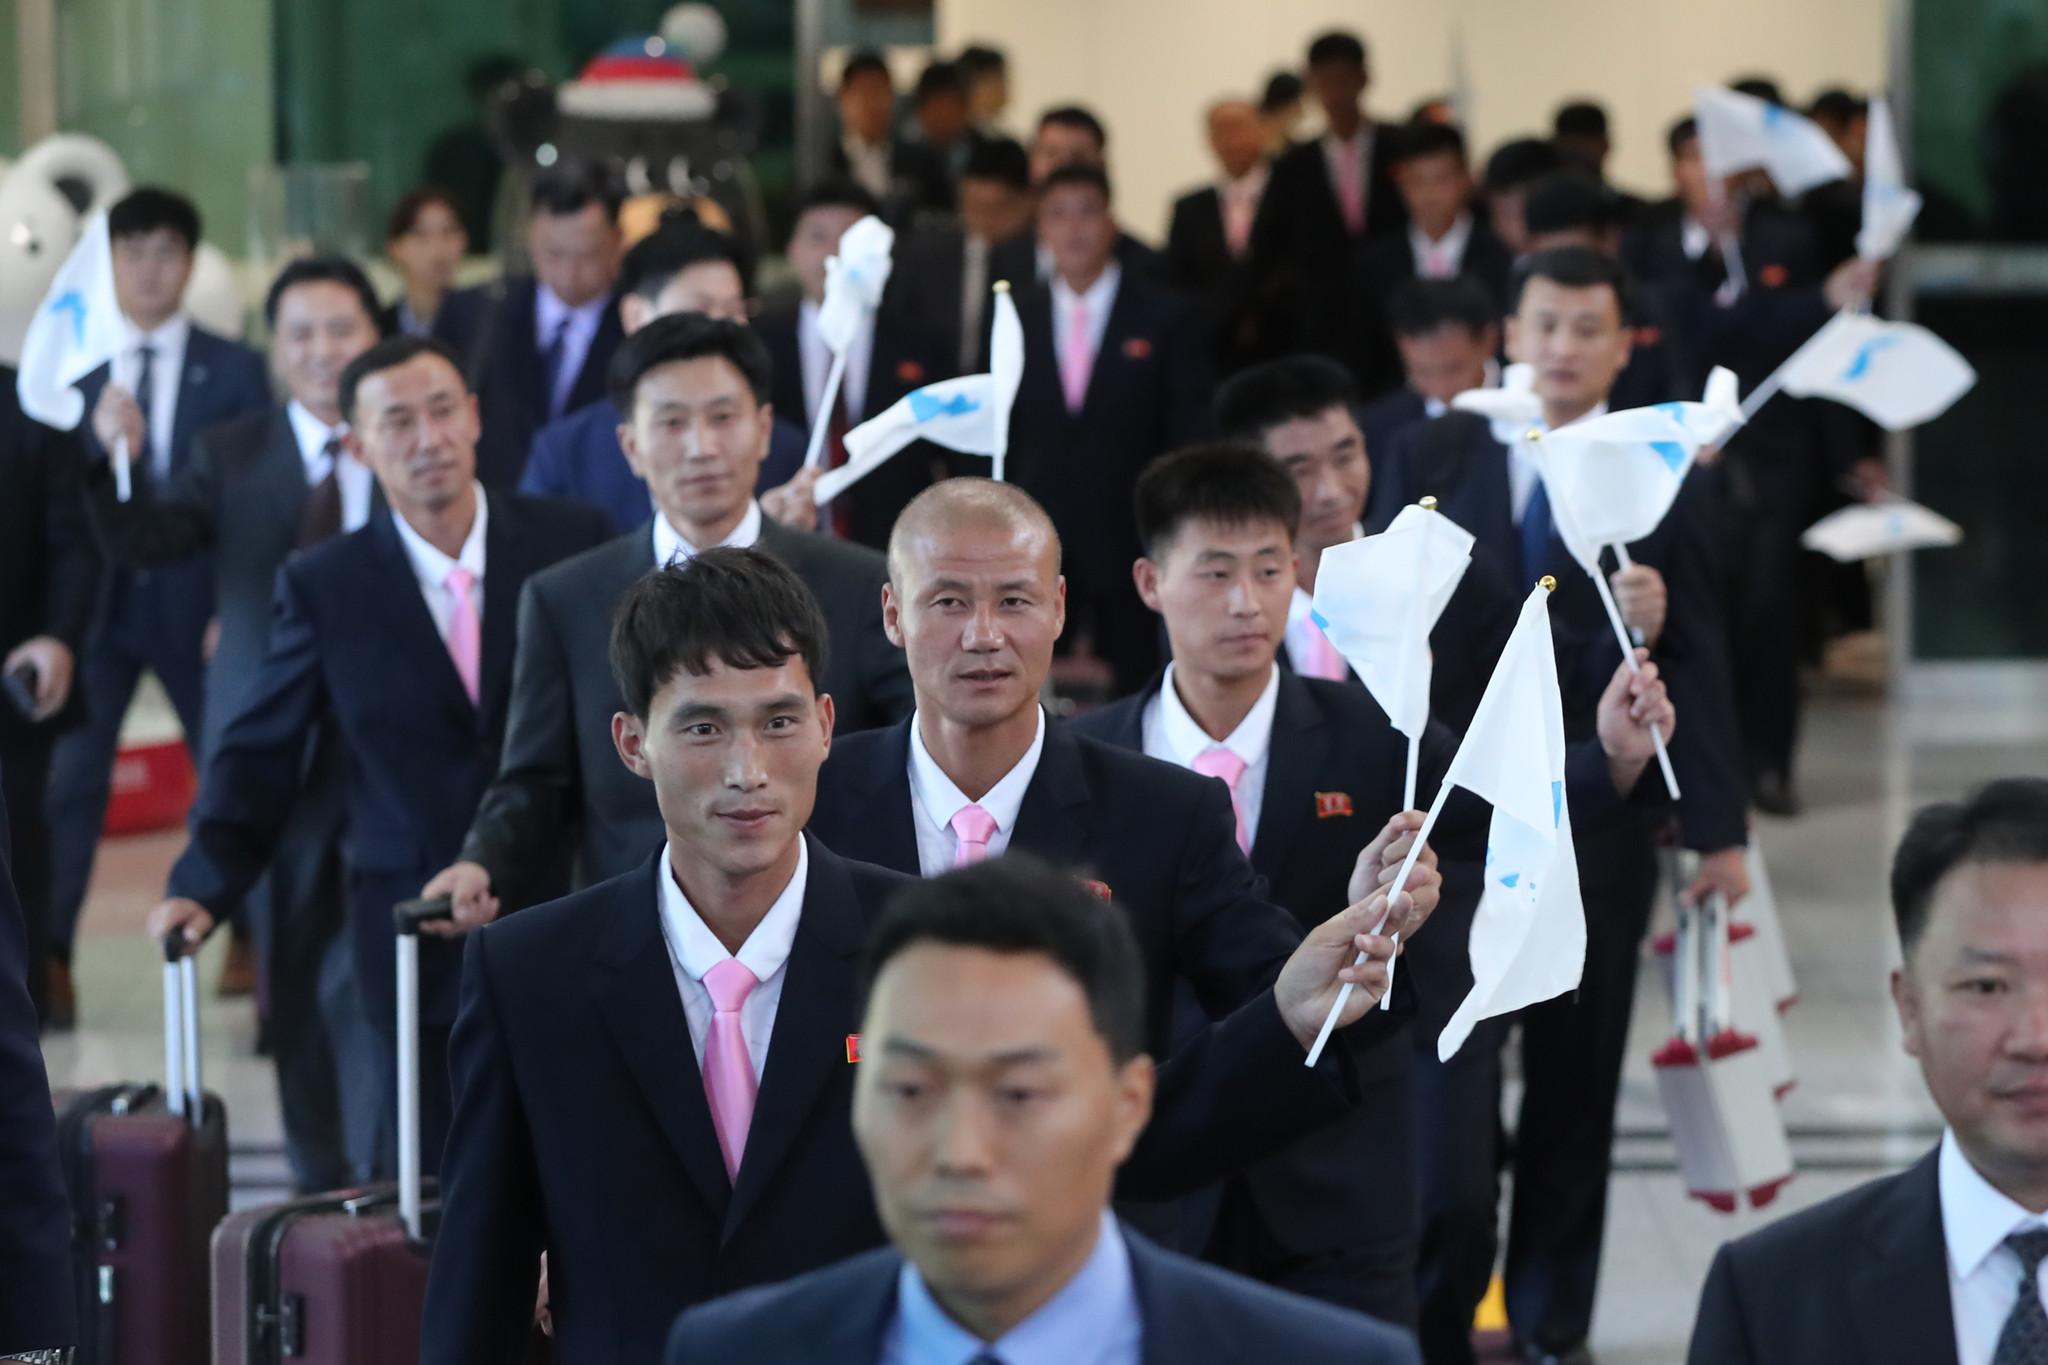 朝韩将举行工人足球赛 朝方代表团抵韩挥舞半岛旗